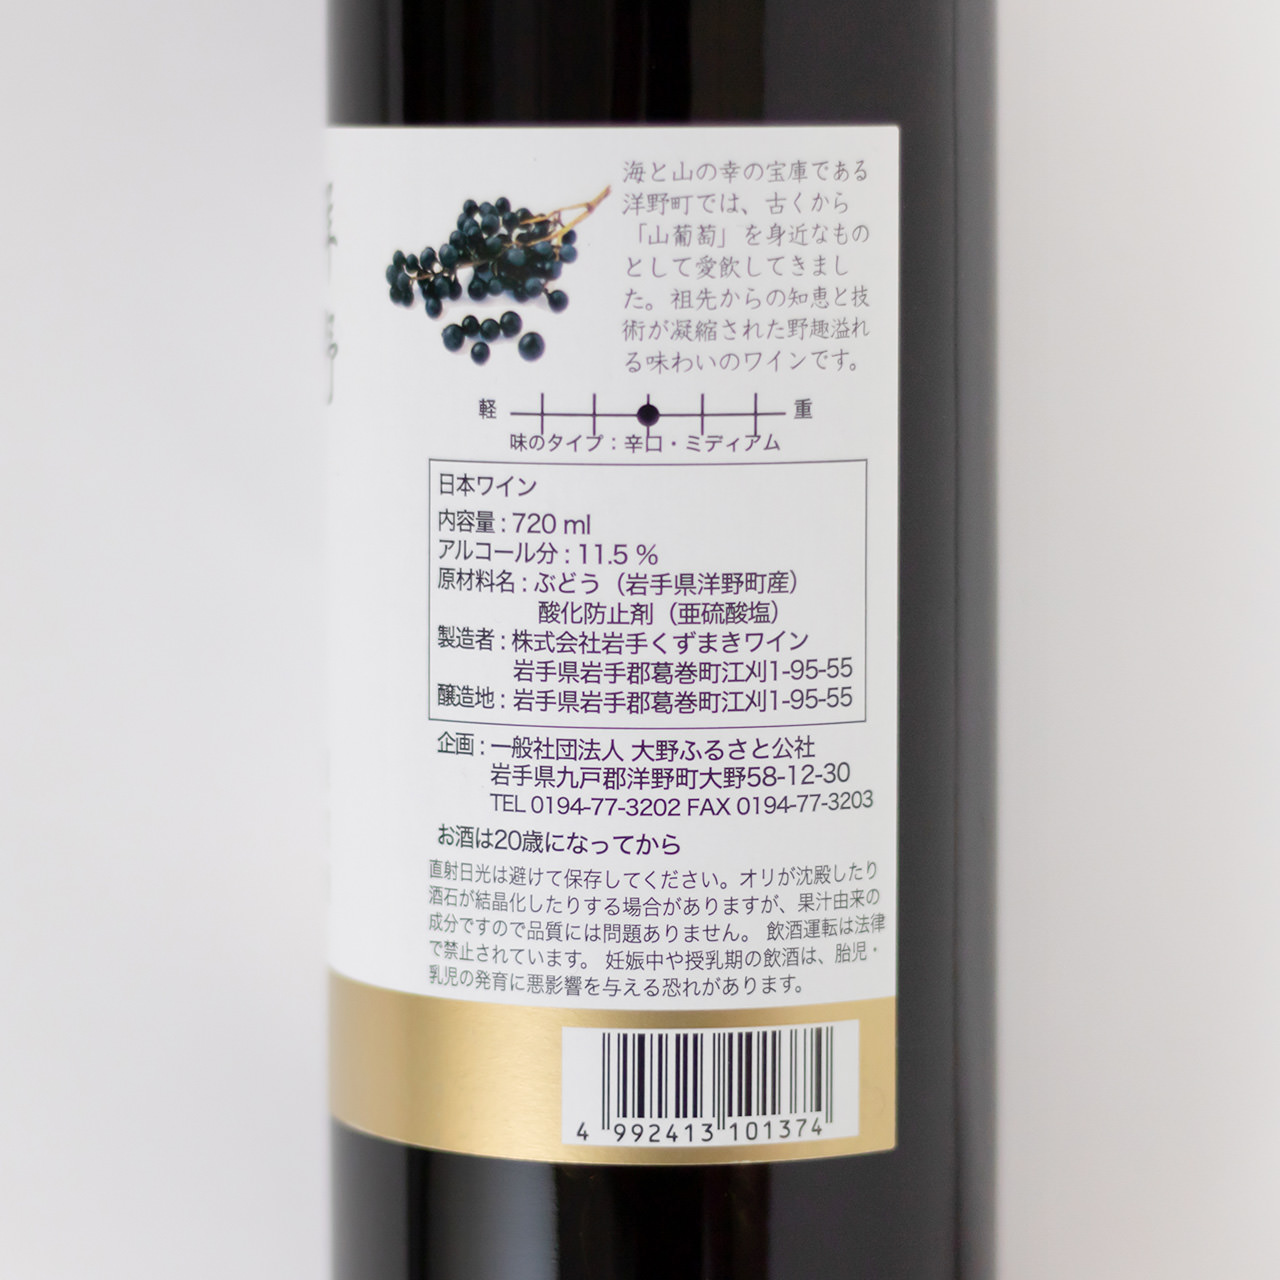 洋野山葡萄ワイン 2018